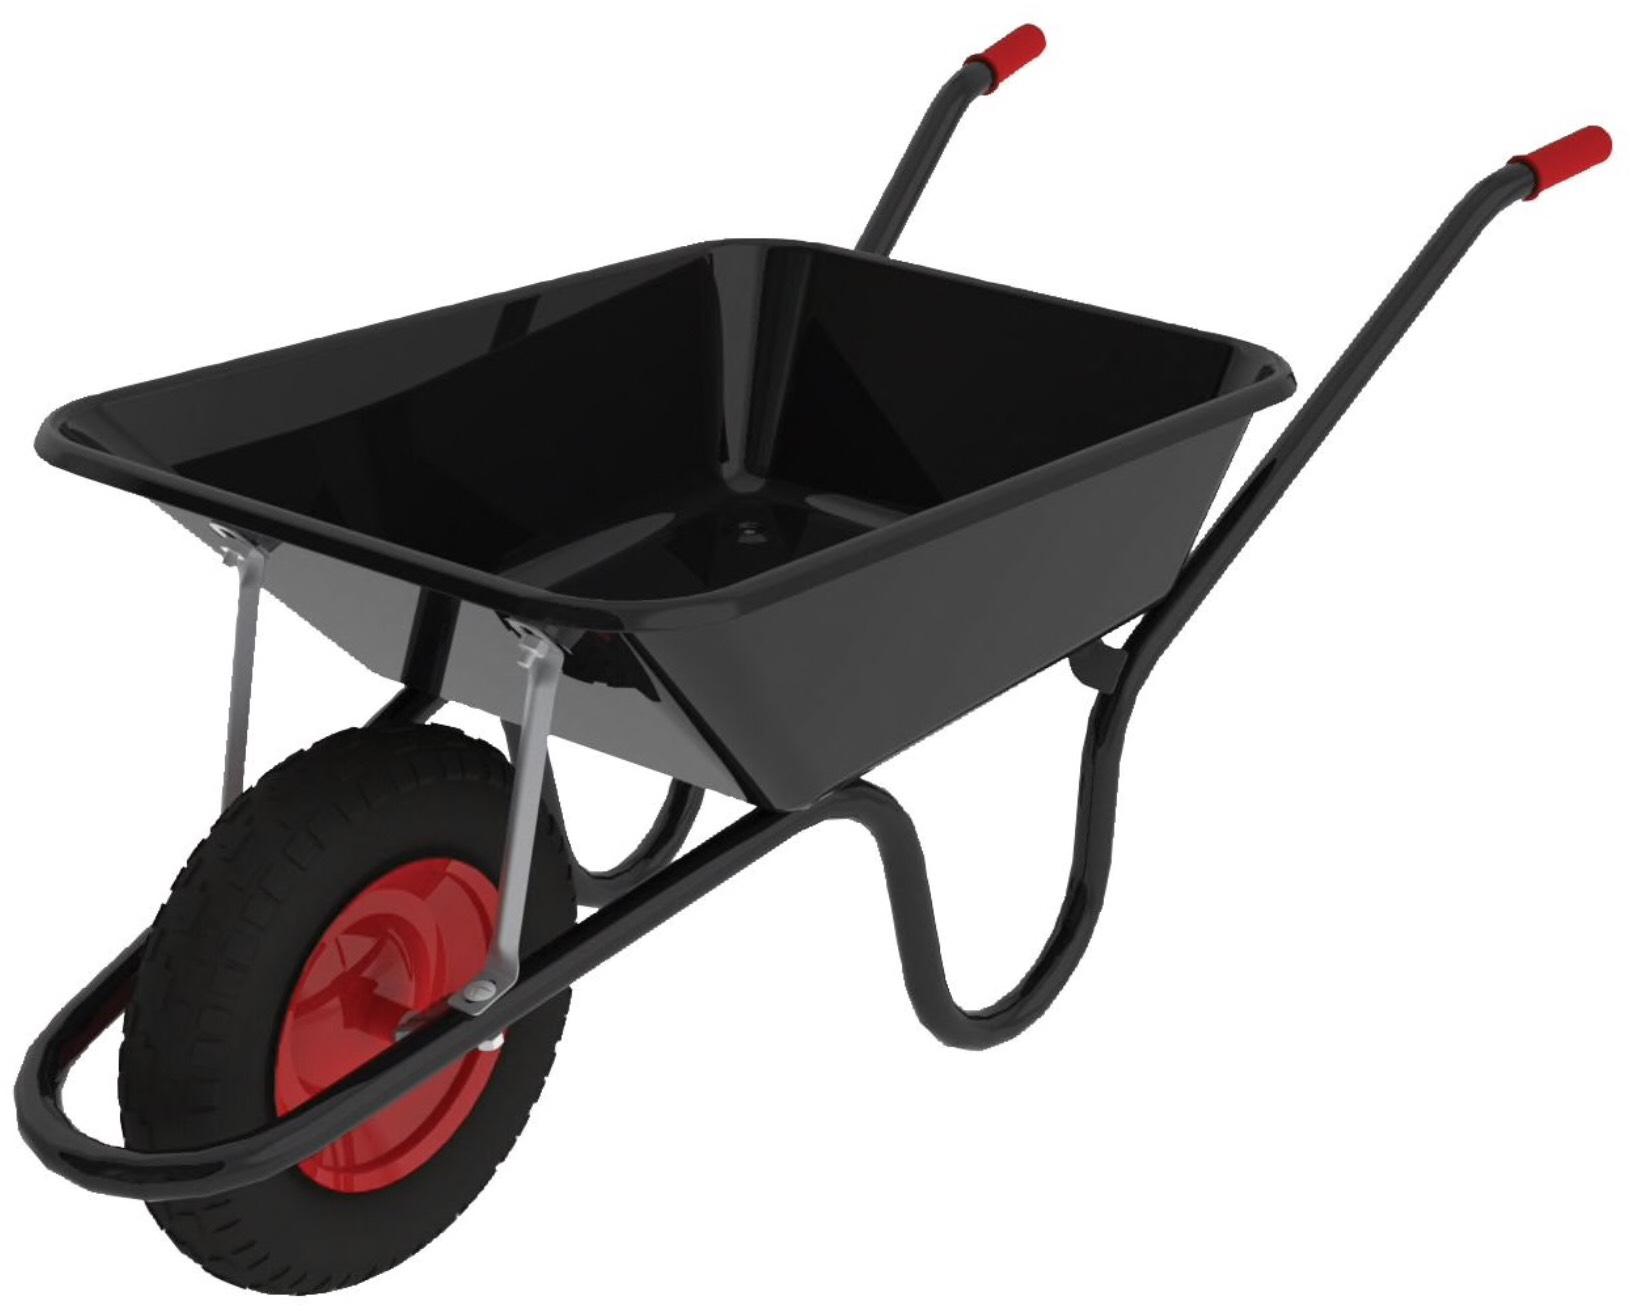 Chillington Camden Classic Black Wheelbarrow - 85L - £28 Click and Collect  @ Wickes